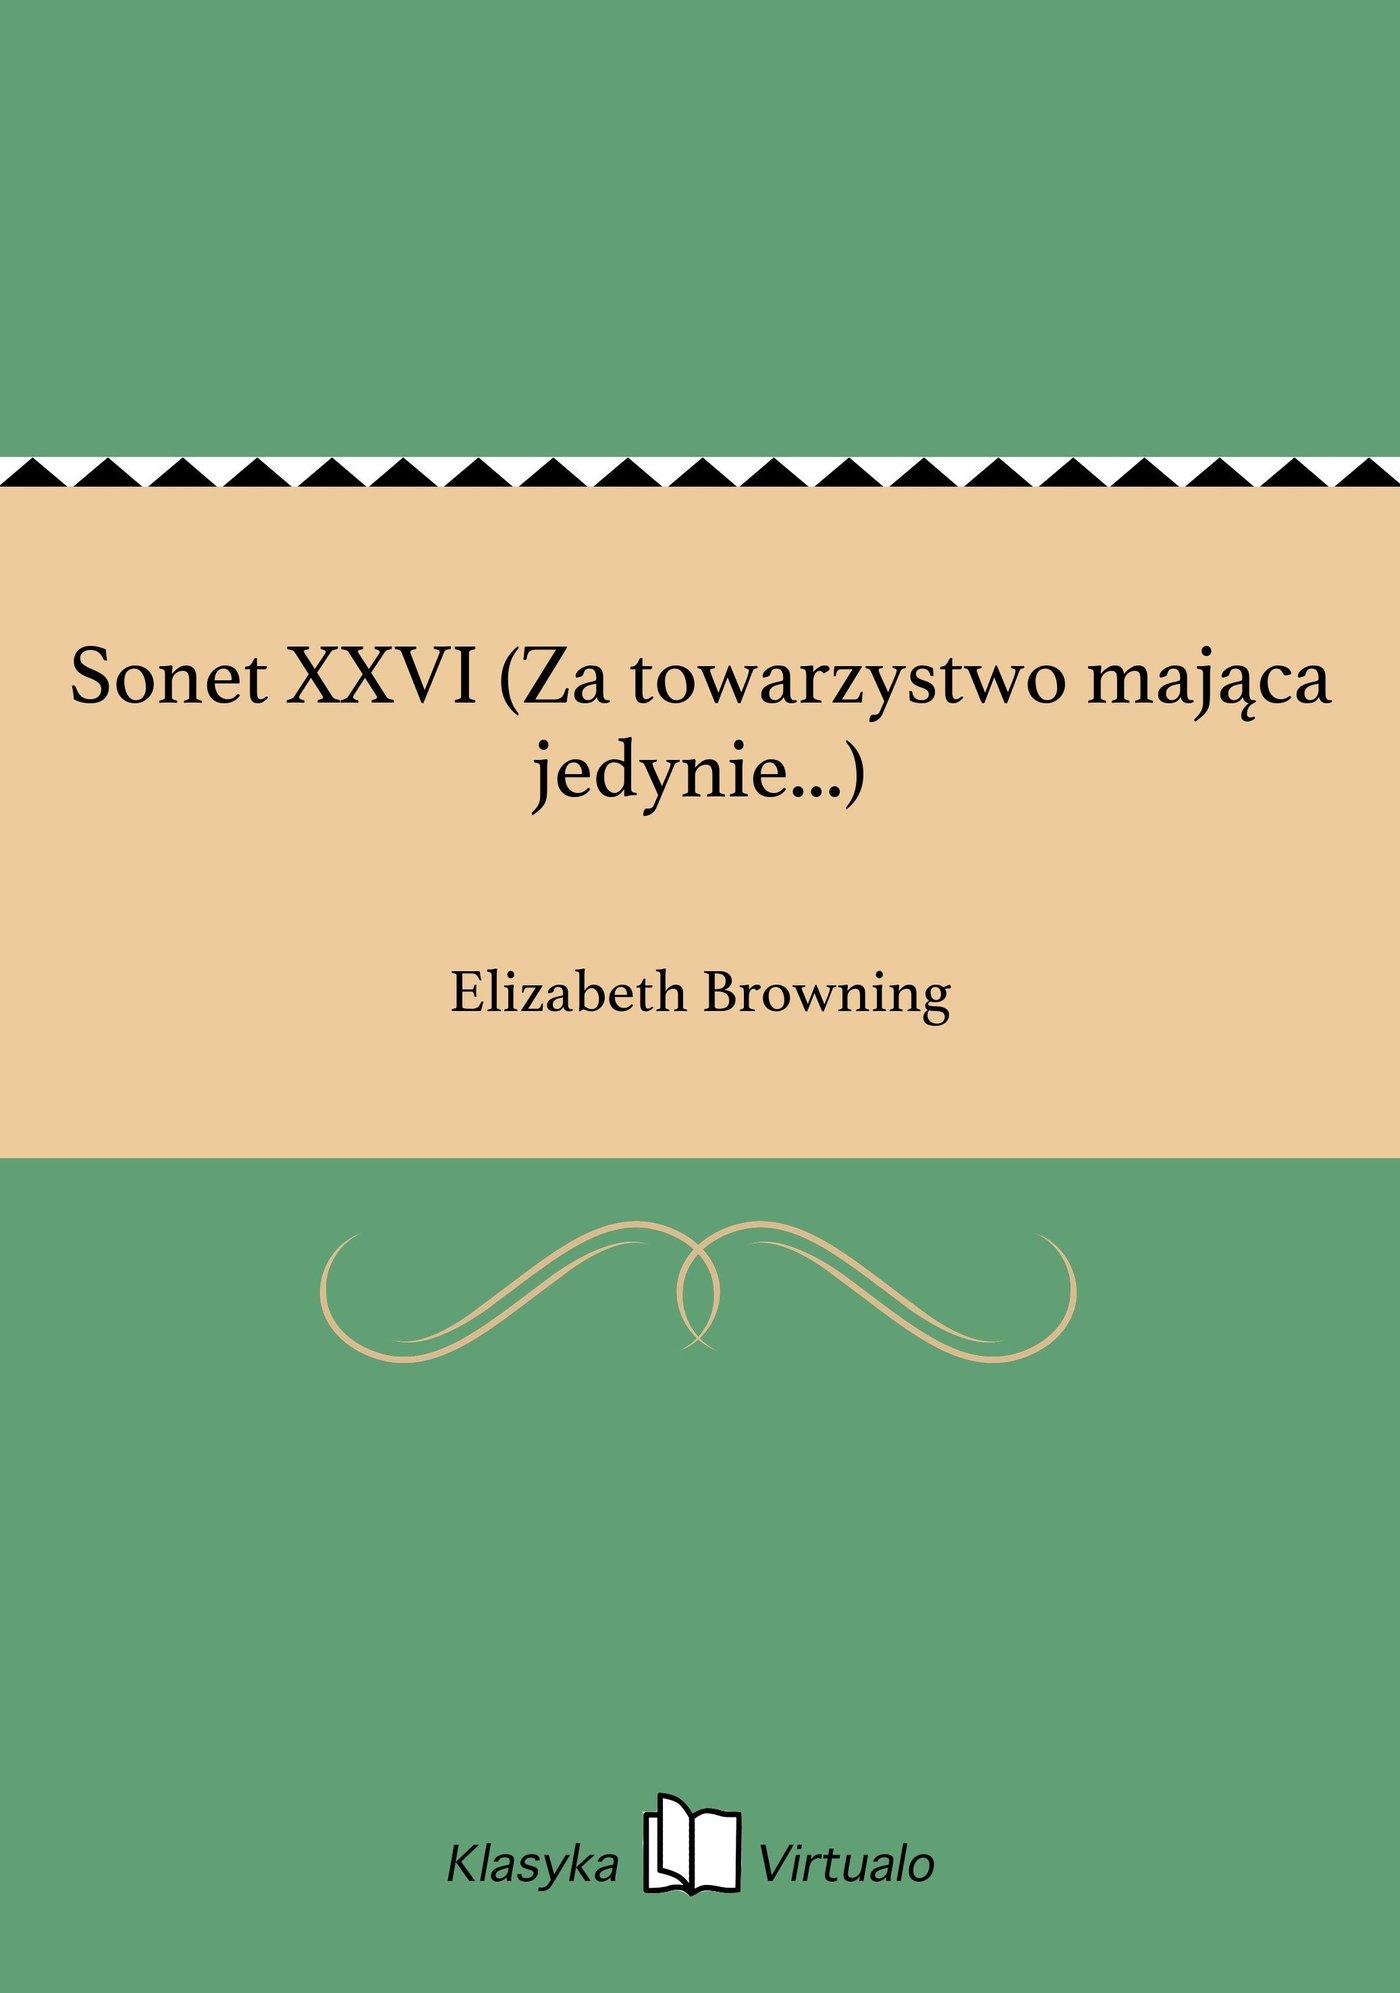 Sonet XXVI (Za towarzystwo mająca jedynie...) - Ebook (Książka EPUB) do pobrania w formacie EPUB